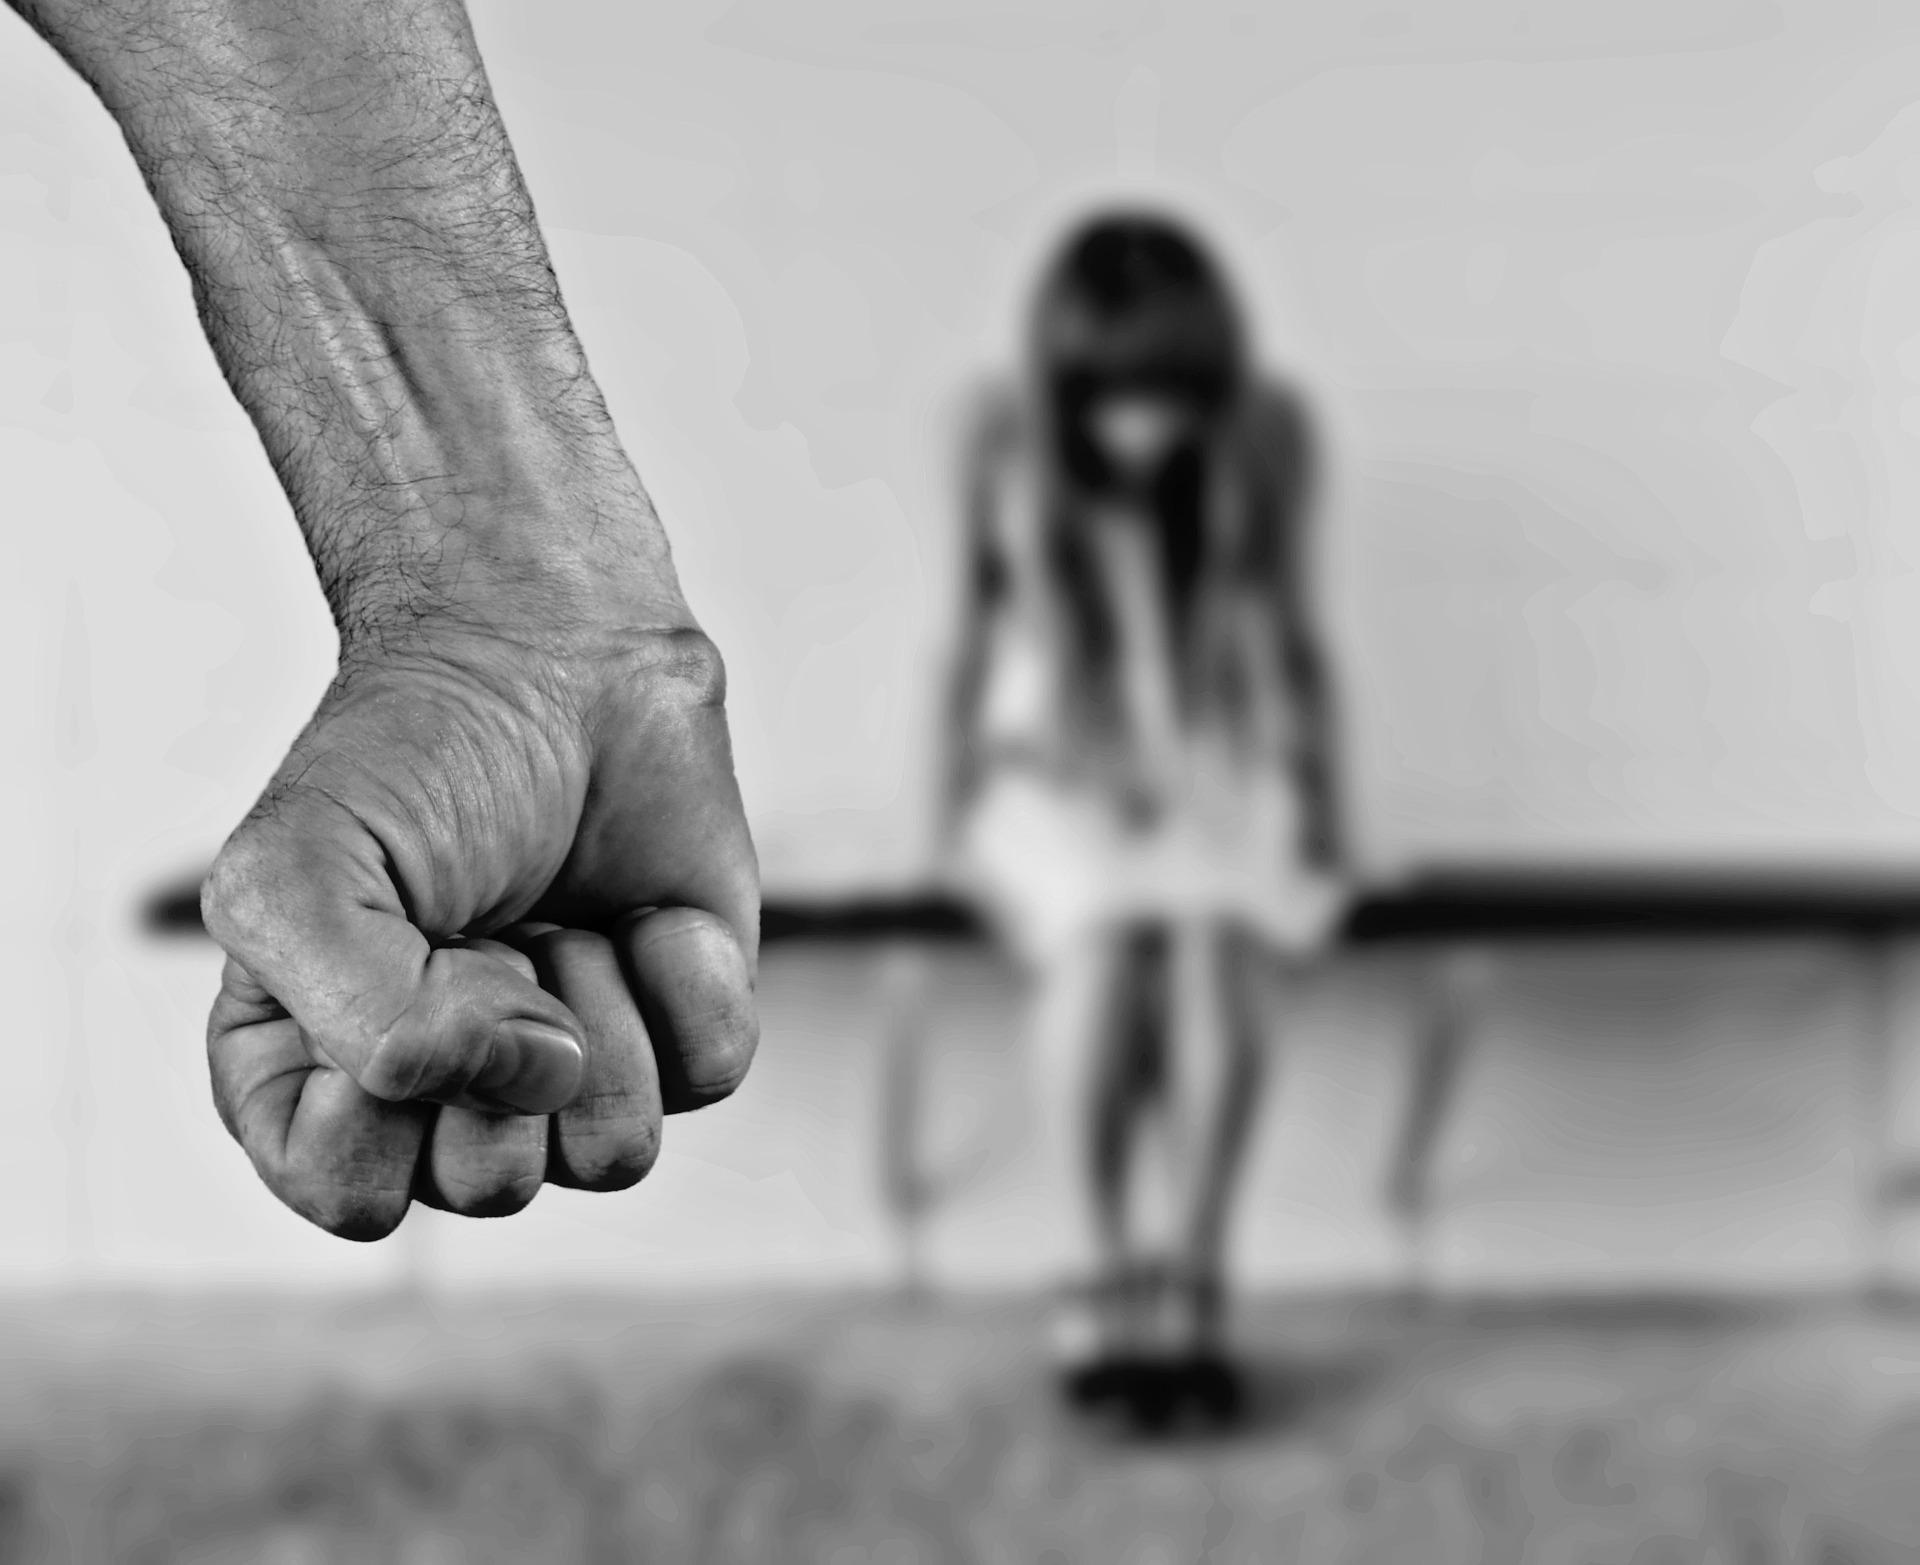 násilí - sexuální násilí - znásilnění - domácí násilí